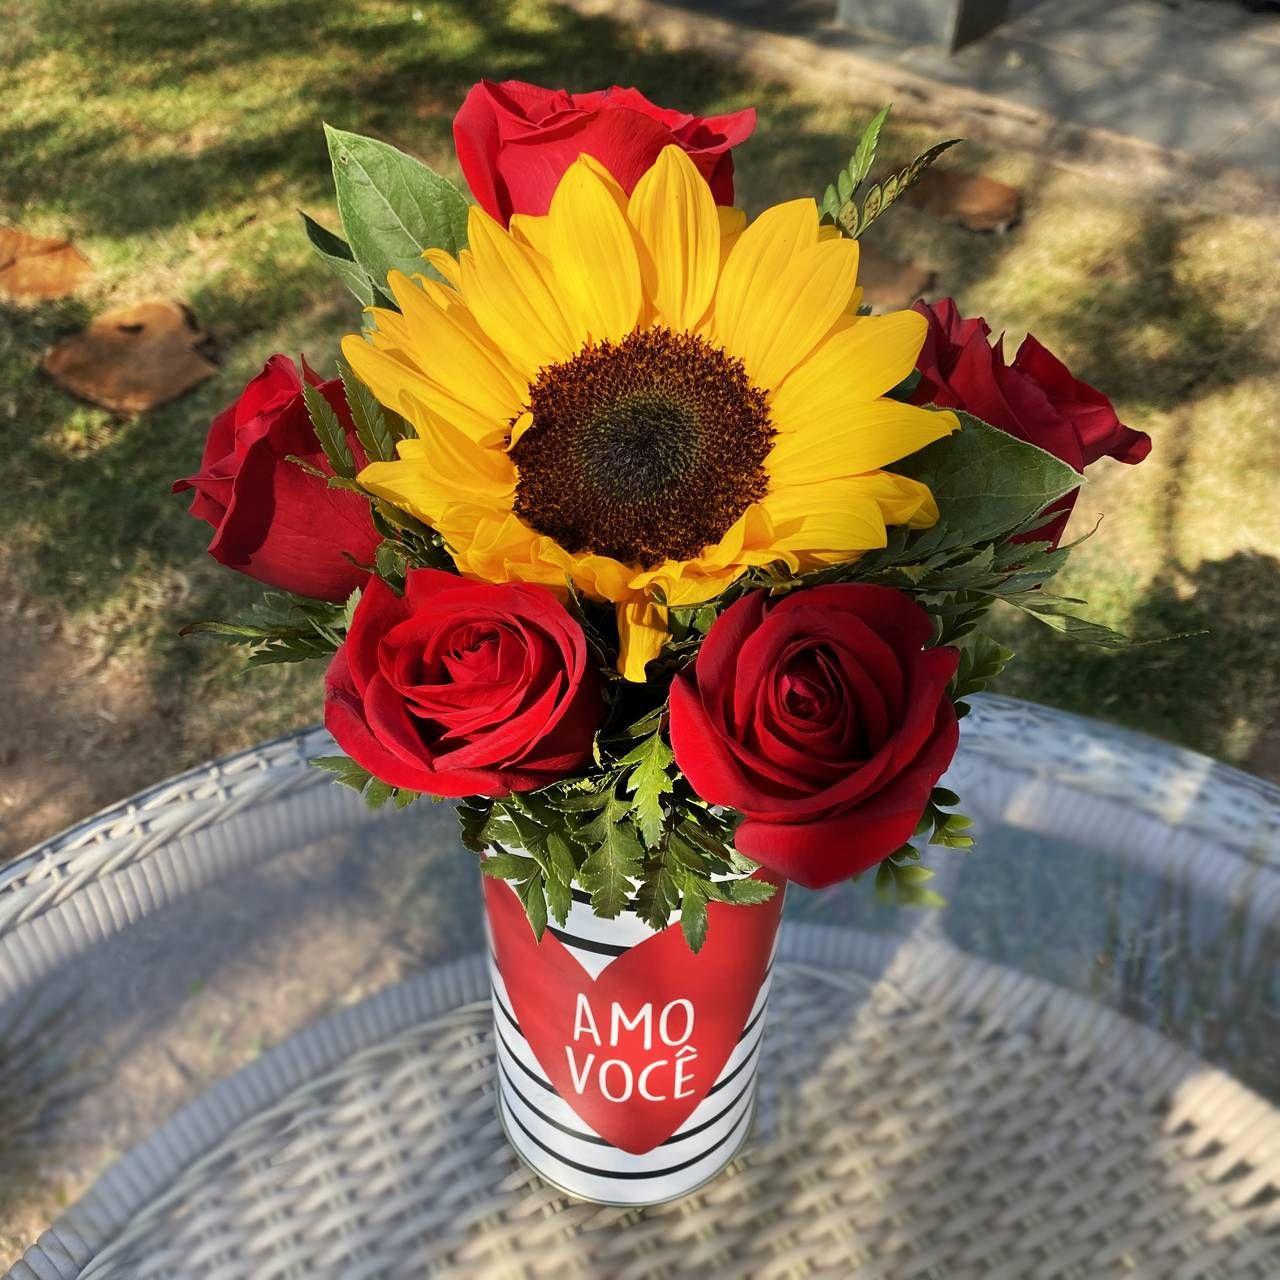 Caixa Amo Você - Rosas e Girassol